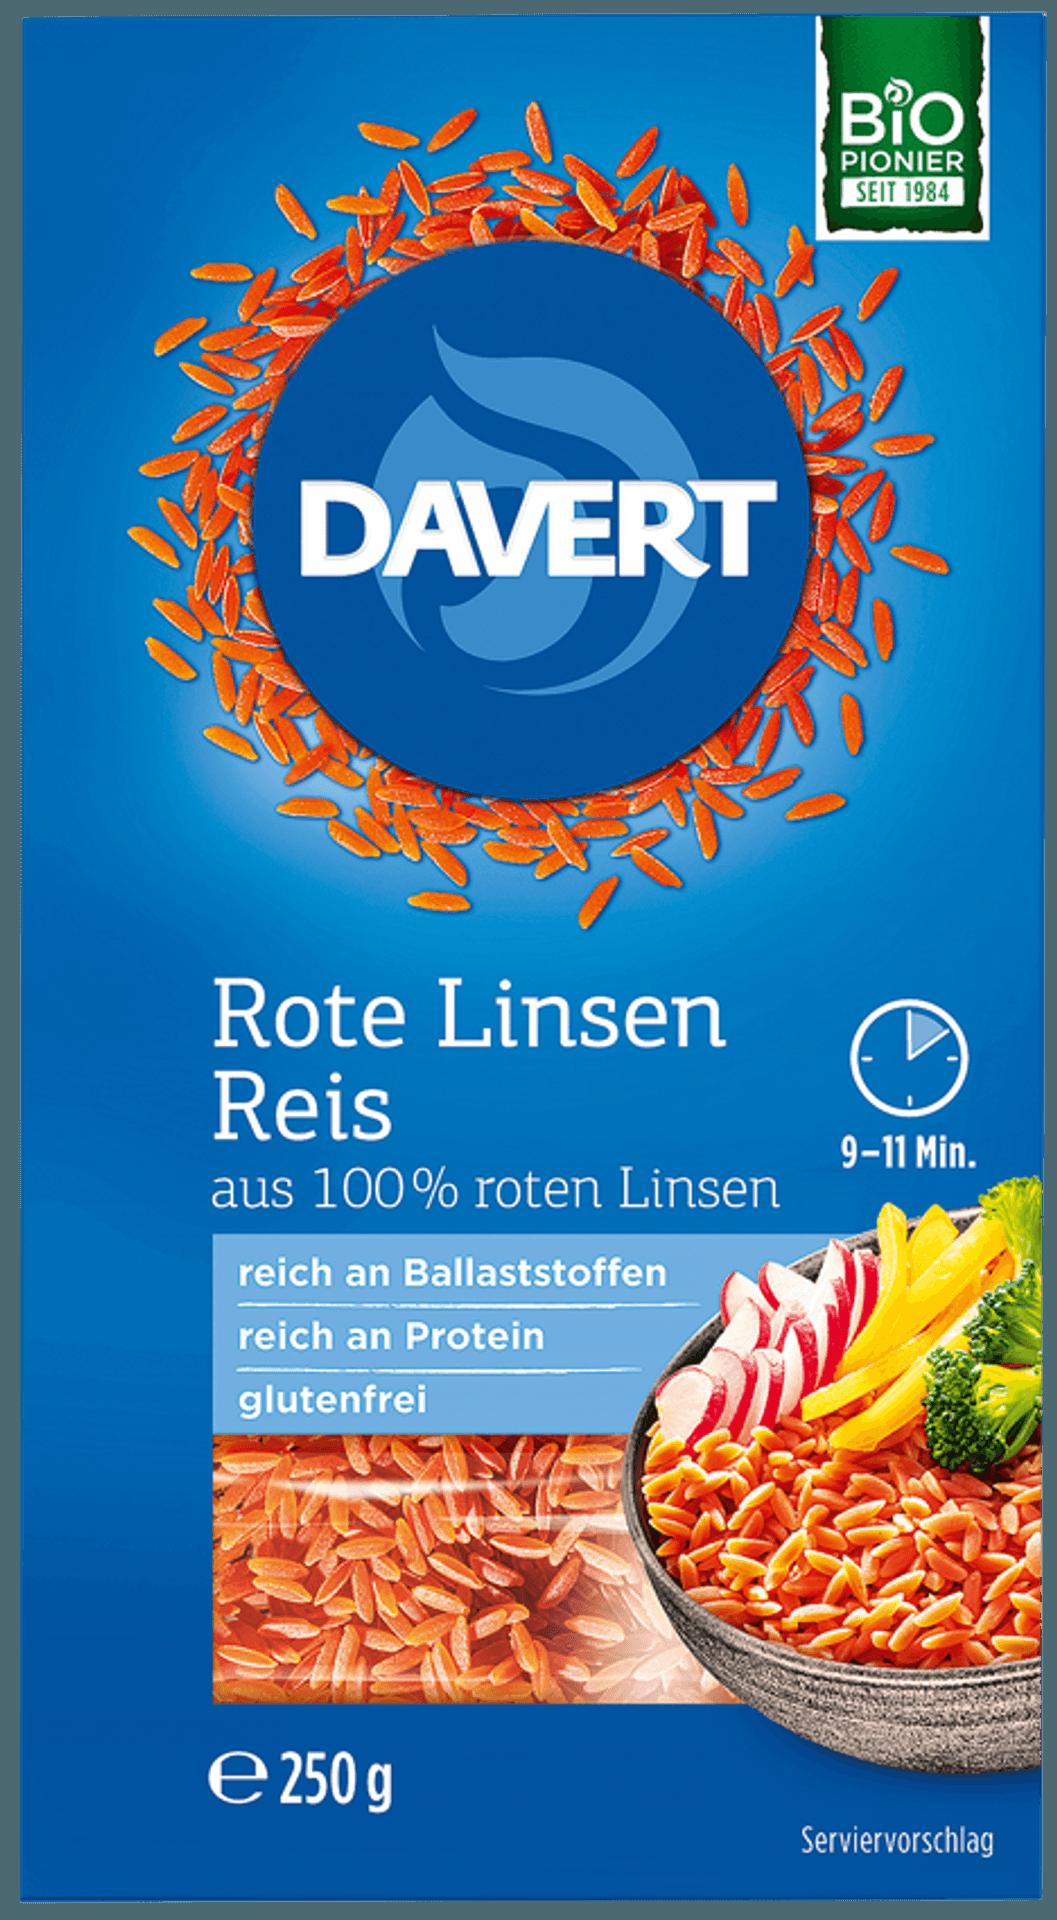 Packung mit Reis aus Roten Linsen